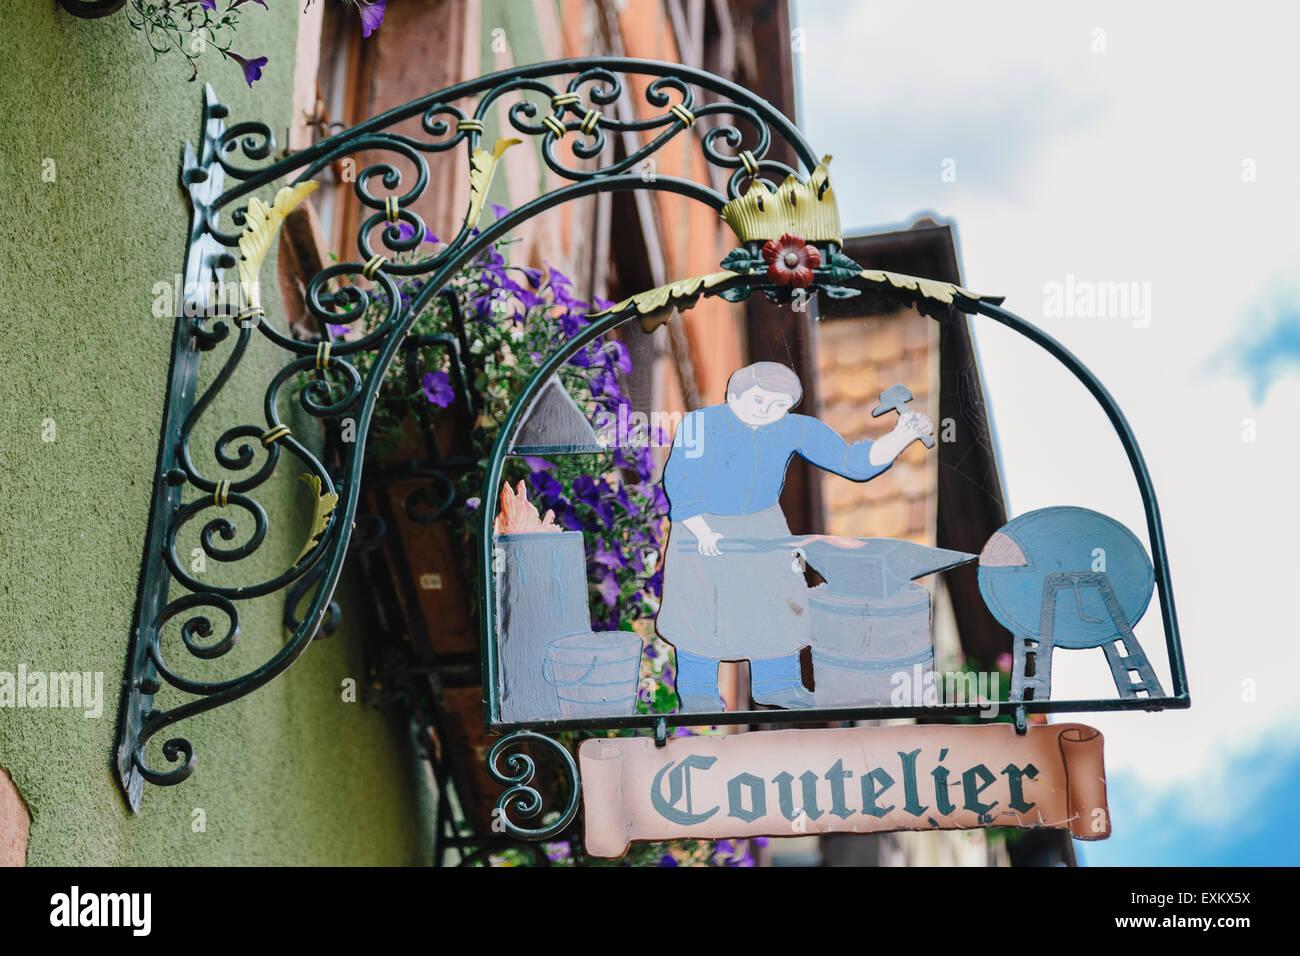 Coutelier shop sign, Rue du General de Gaulle, Riquewihr, Alsace, France Stock Photo